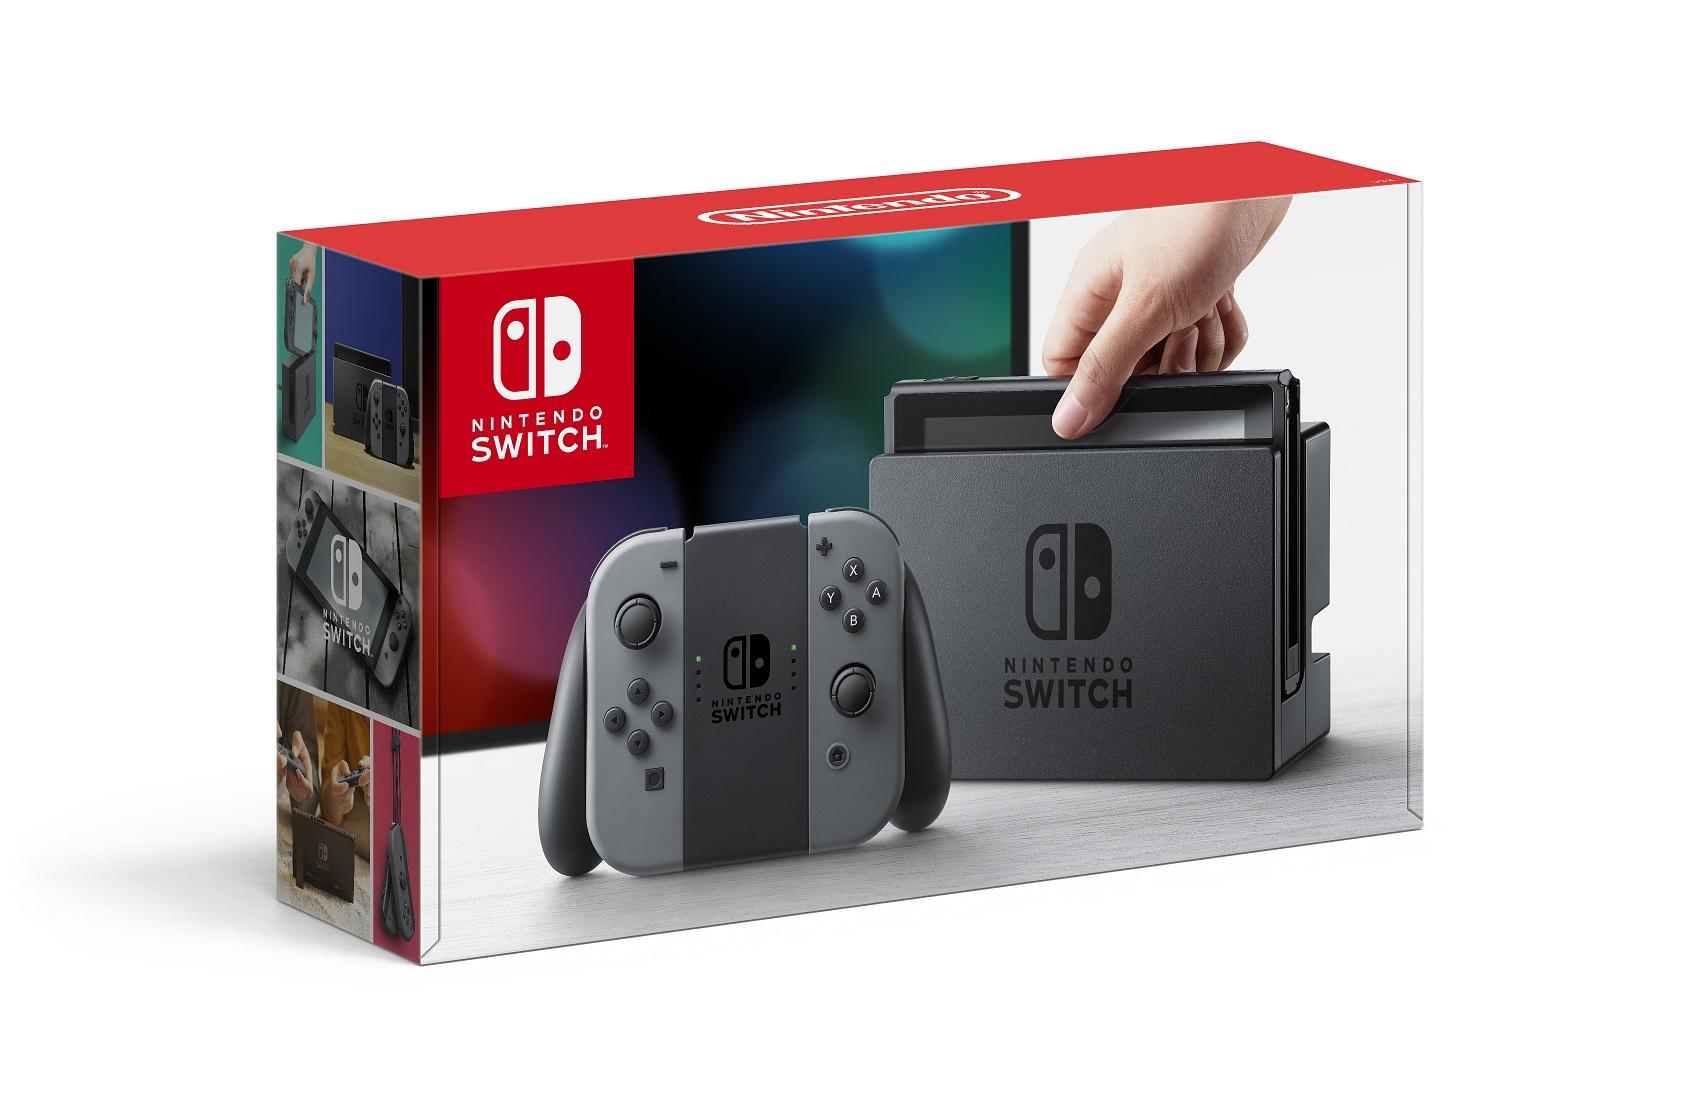 Nintendo Switch е най-бързо продаваната конзола в САЩ